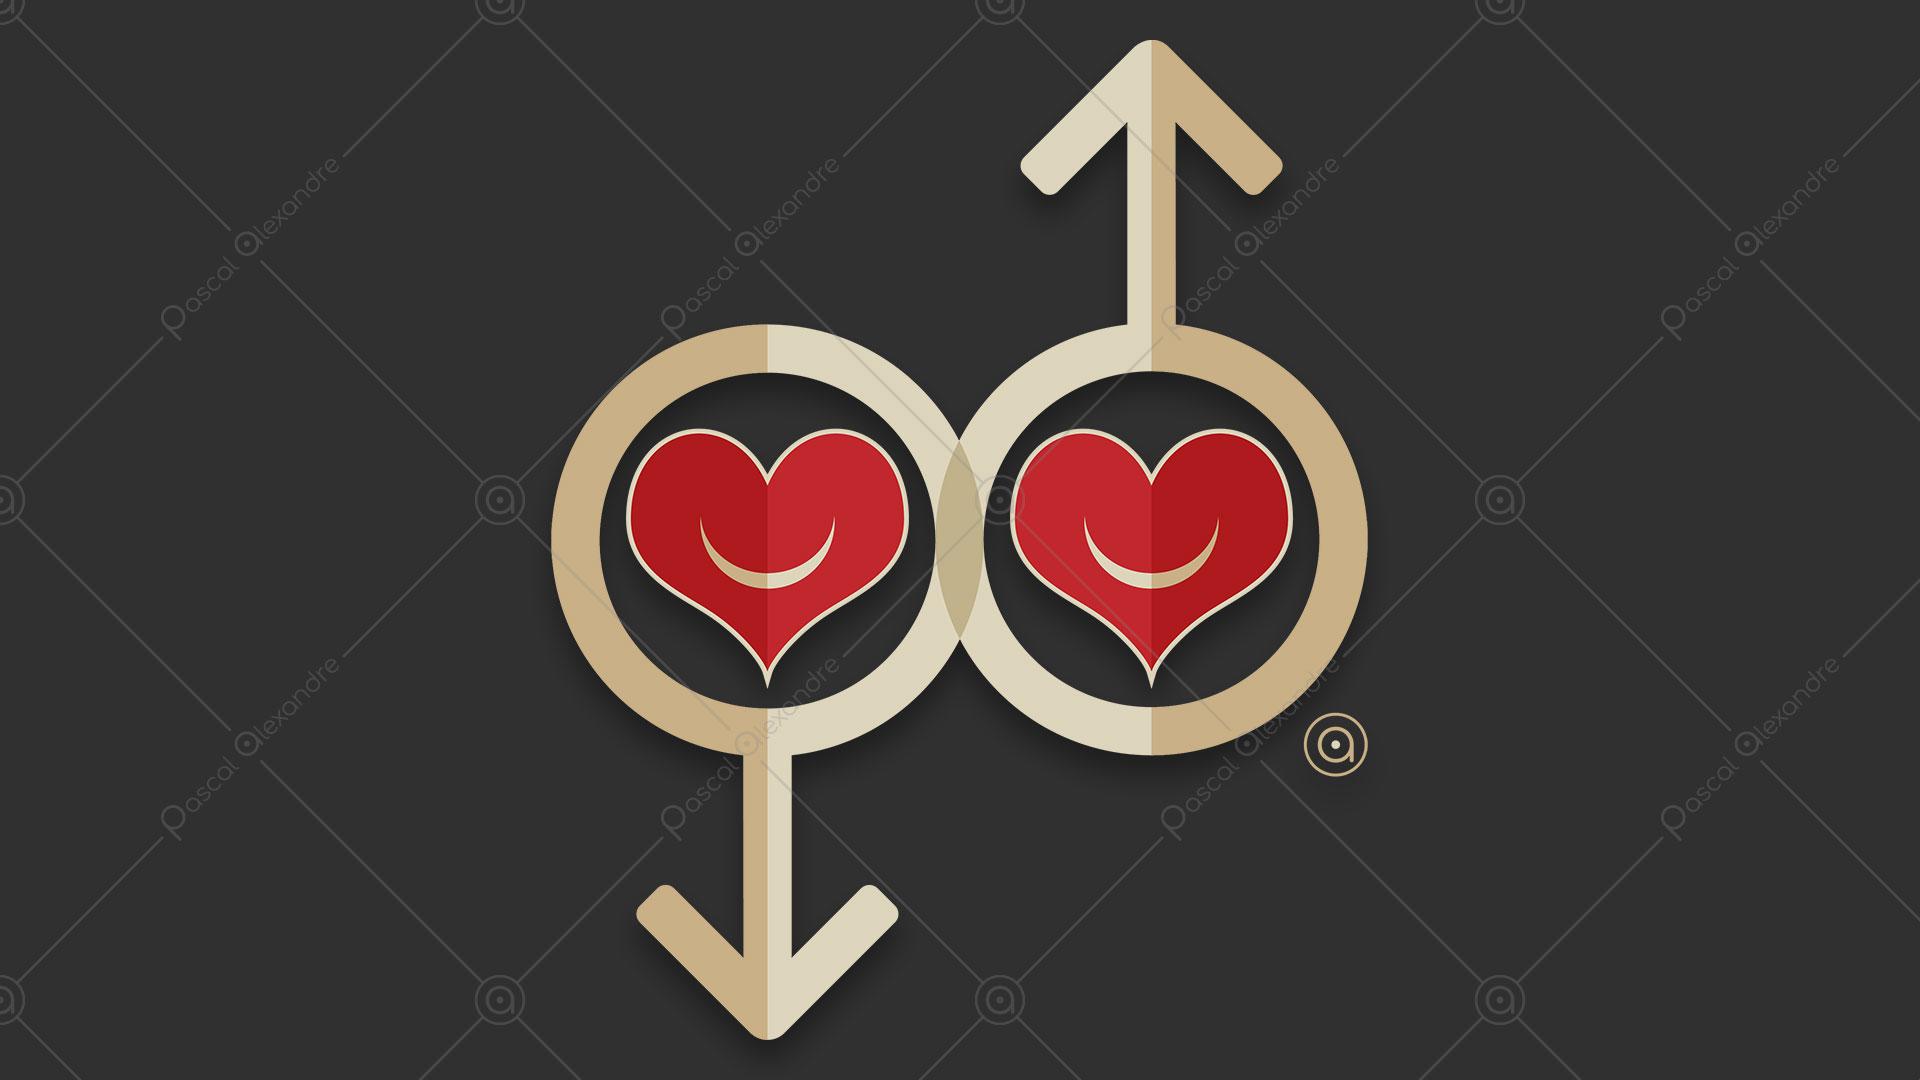 Male Symbols Hearts 1533333008